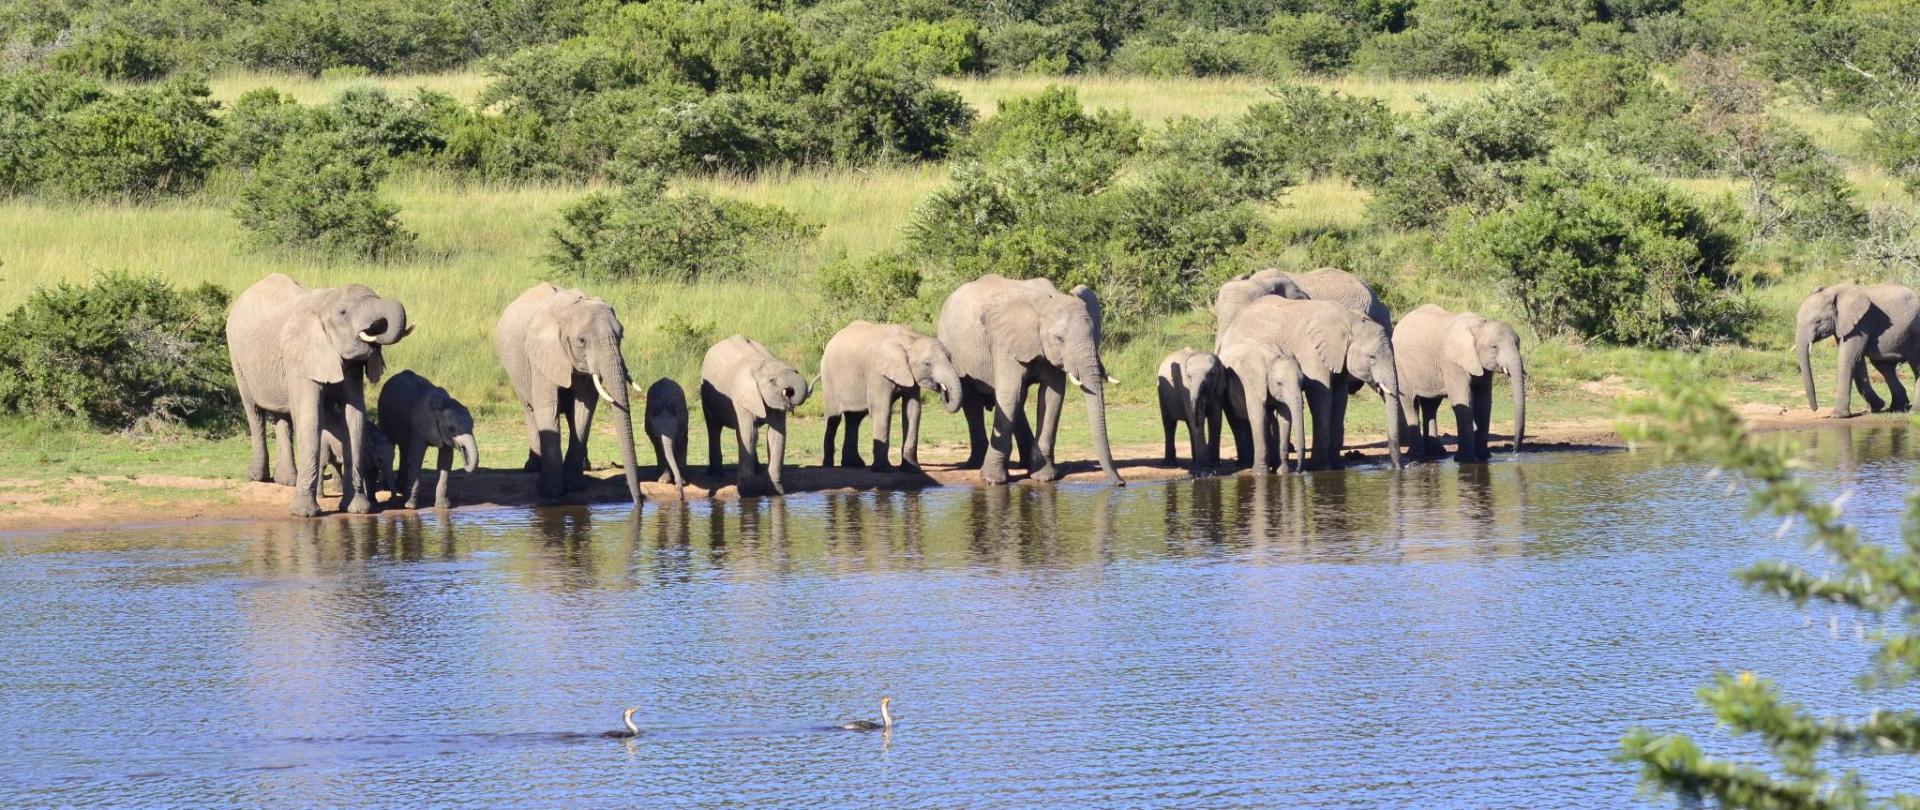 Safari Accomodation